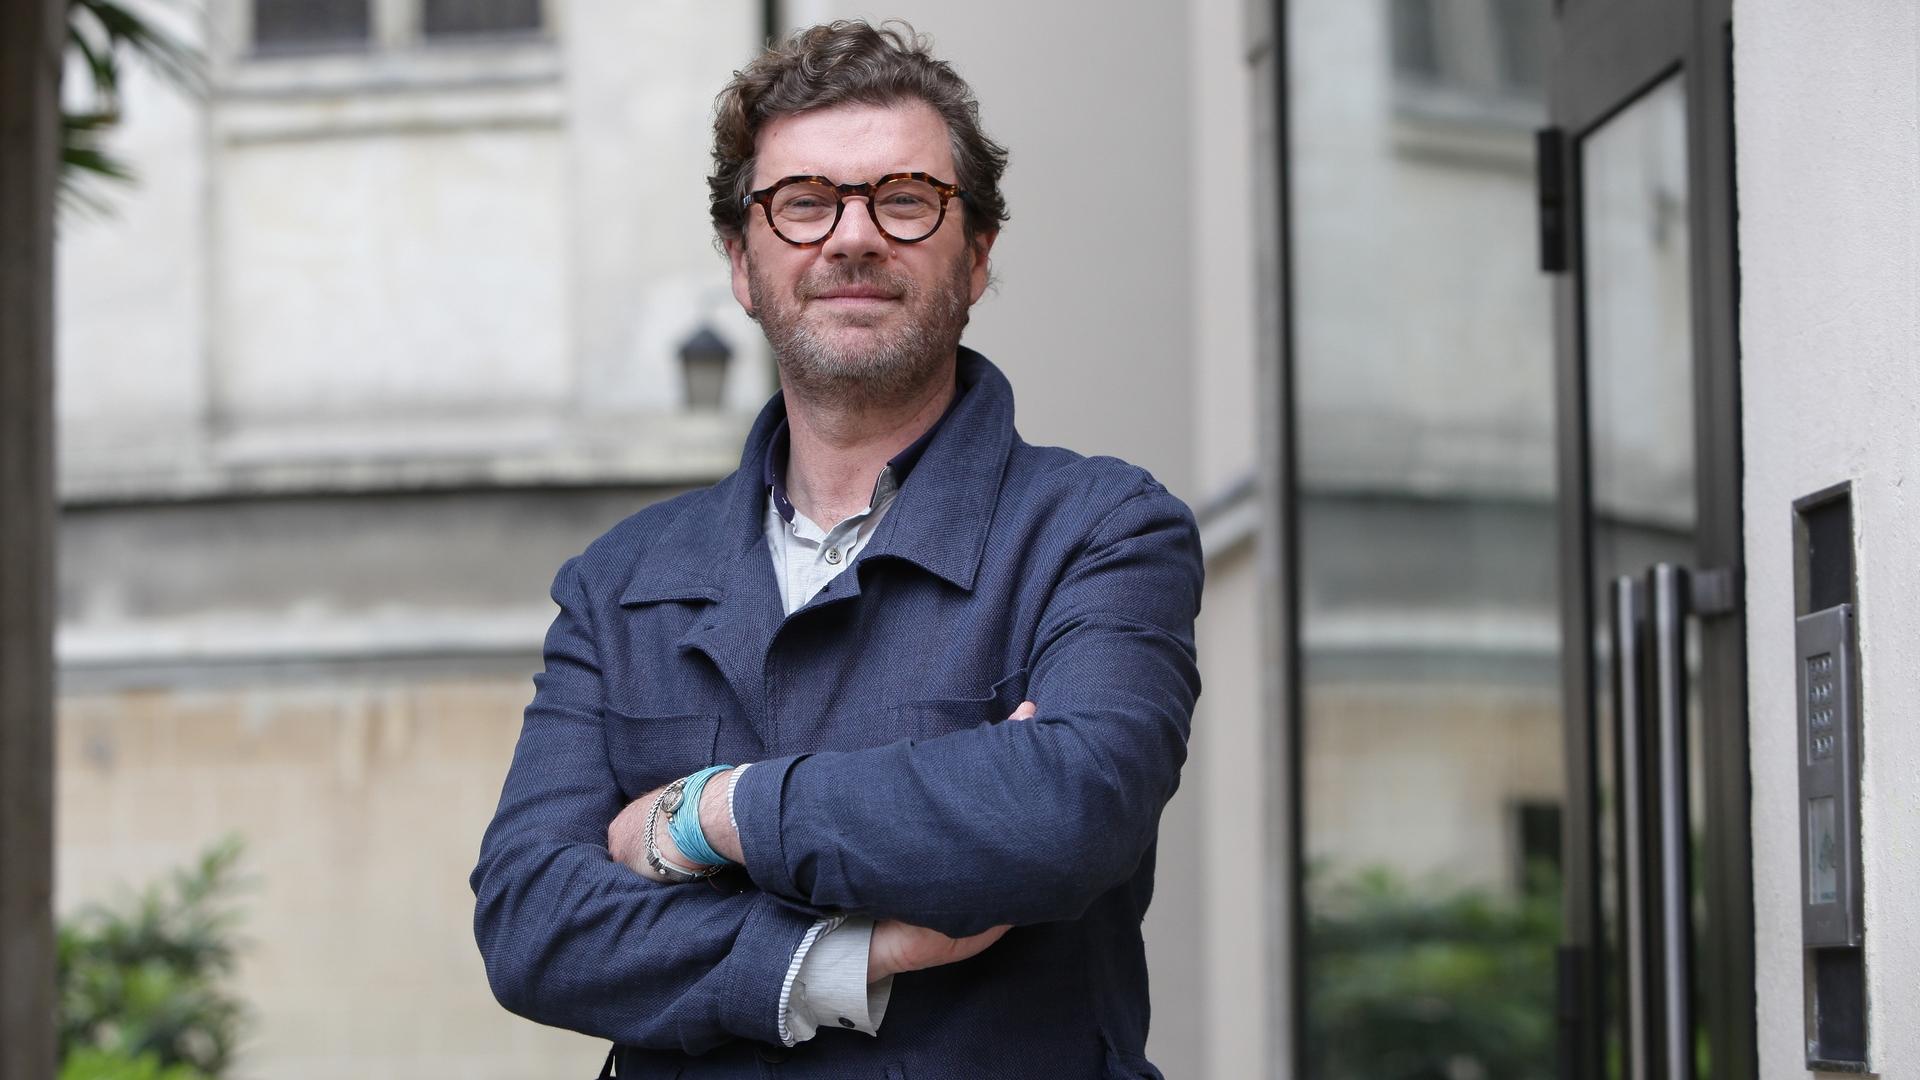 Paname : Autour des Champs-Elysées